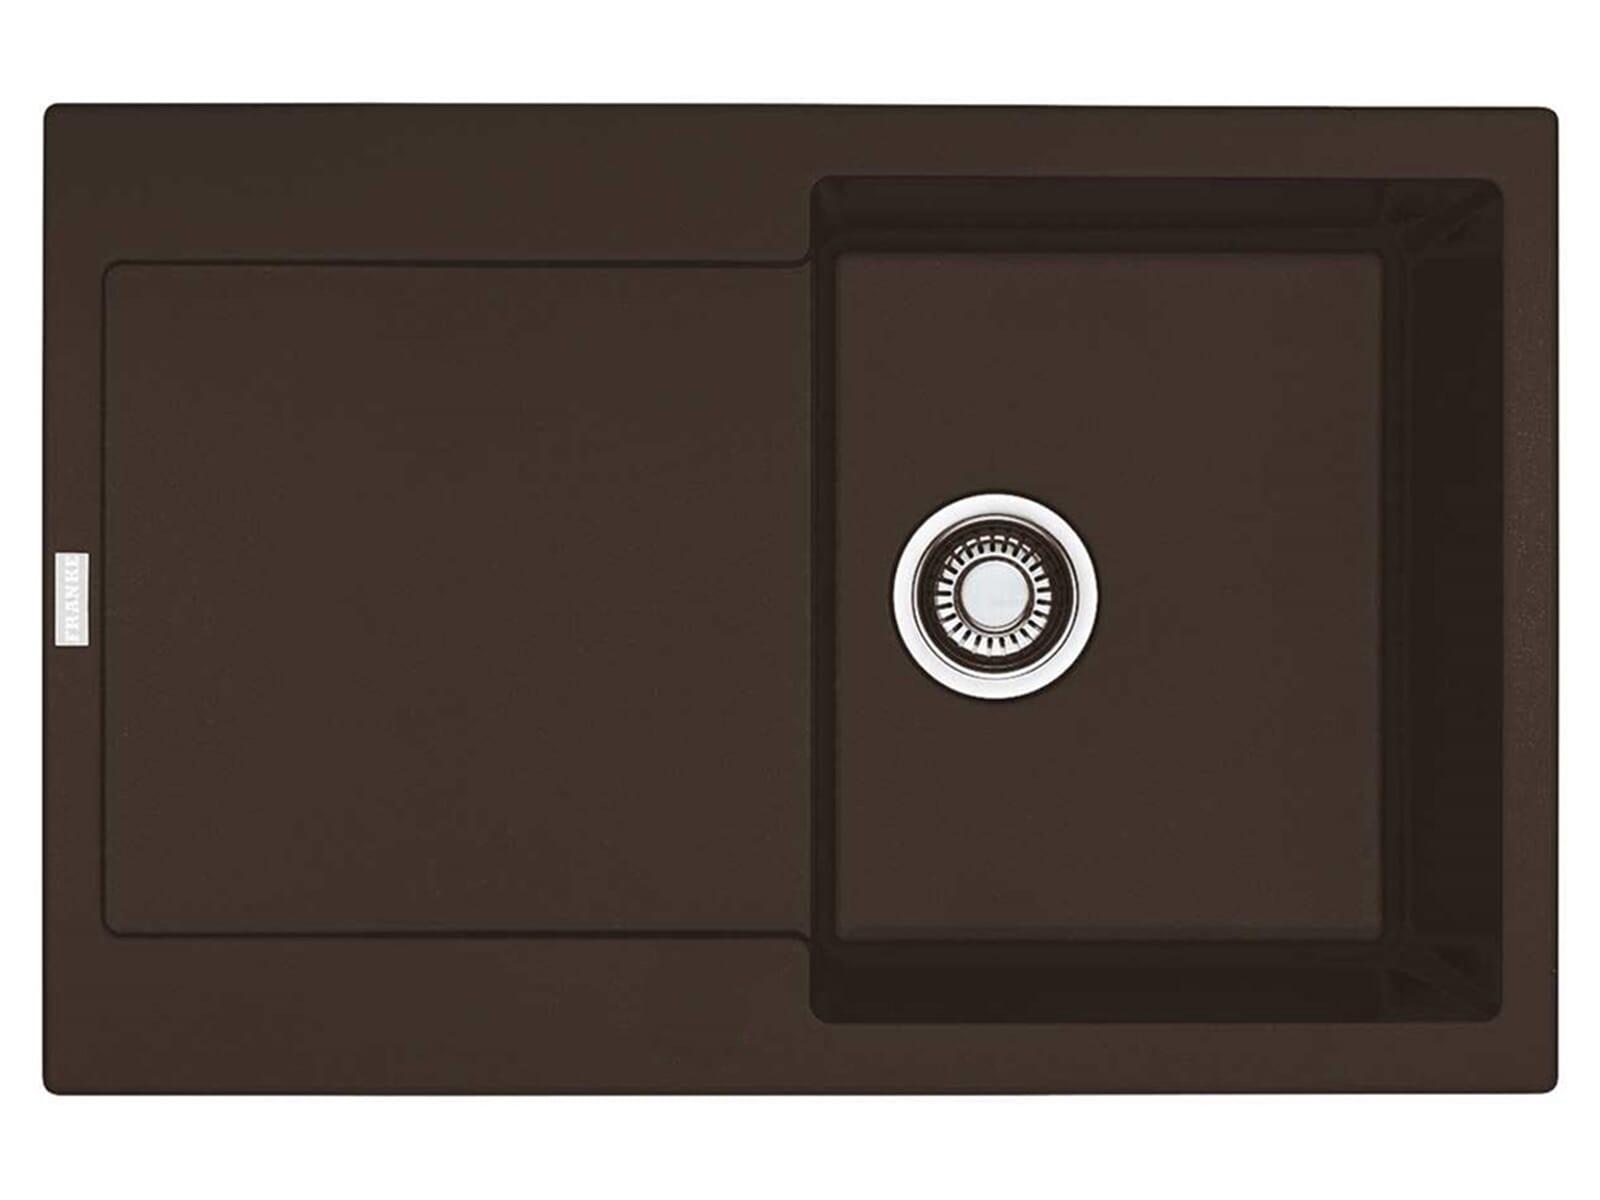 franke maris mrg 611 chocolate granitsp le druckknopfventil. Black Bedroom Furniture Sets. Home Design Ideas